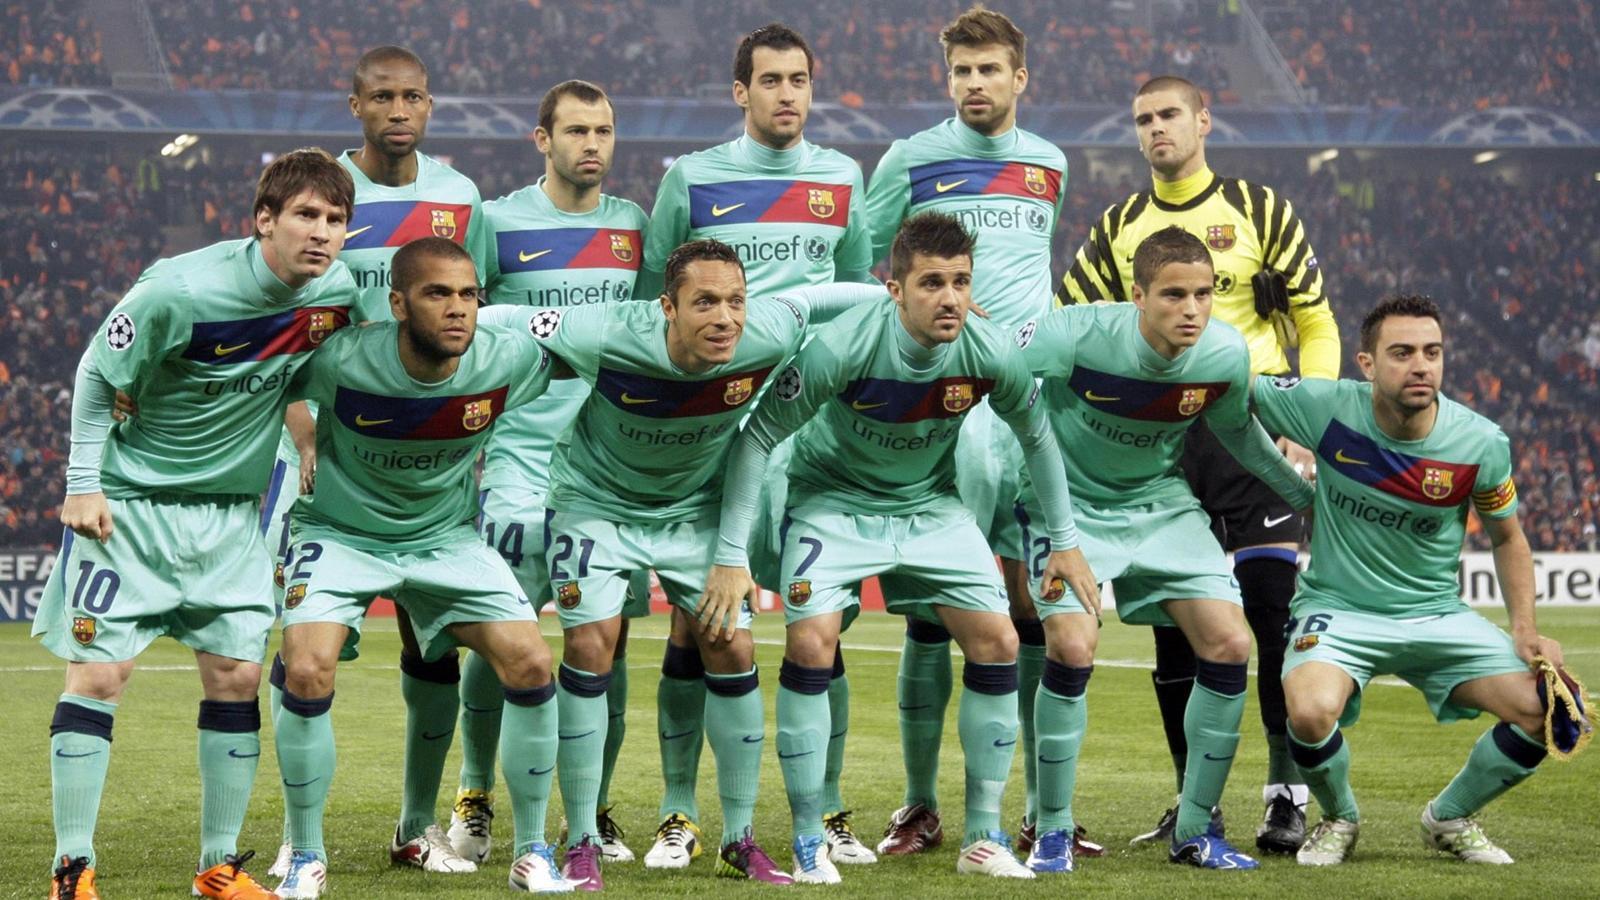 巴萨曼联领跑最新赔率 - 欧冠 2010-2011 - 足球图片